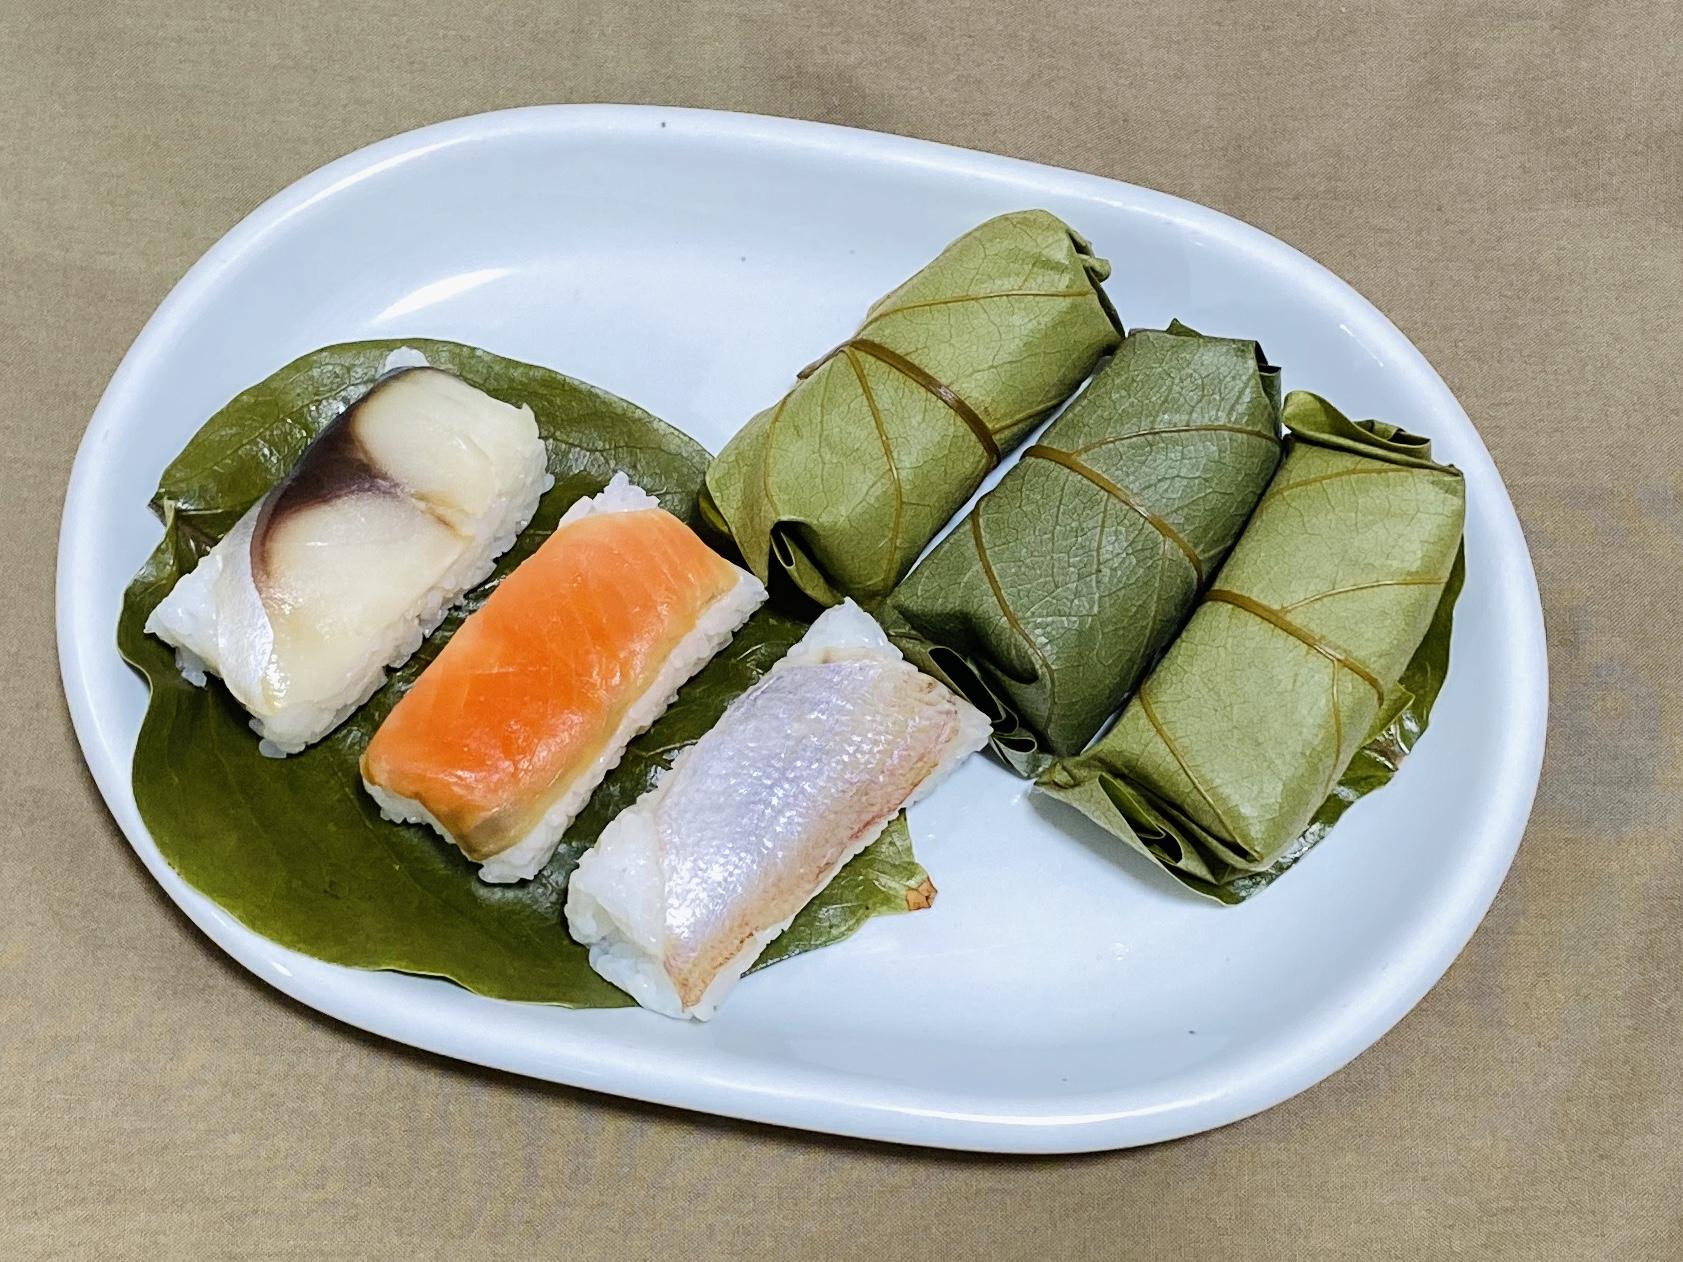 奈良の郷土料理をおうちで!〈柿の葉すし本舗たなか〉をお取り寄せ。